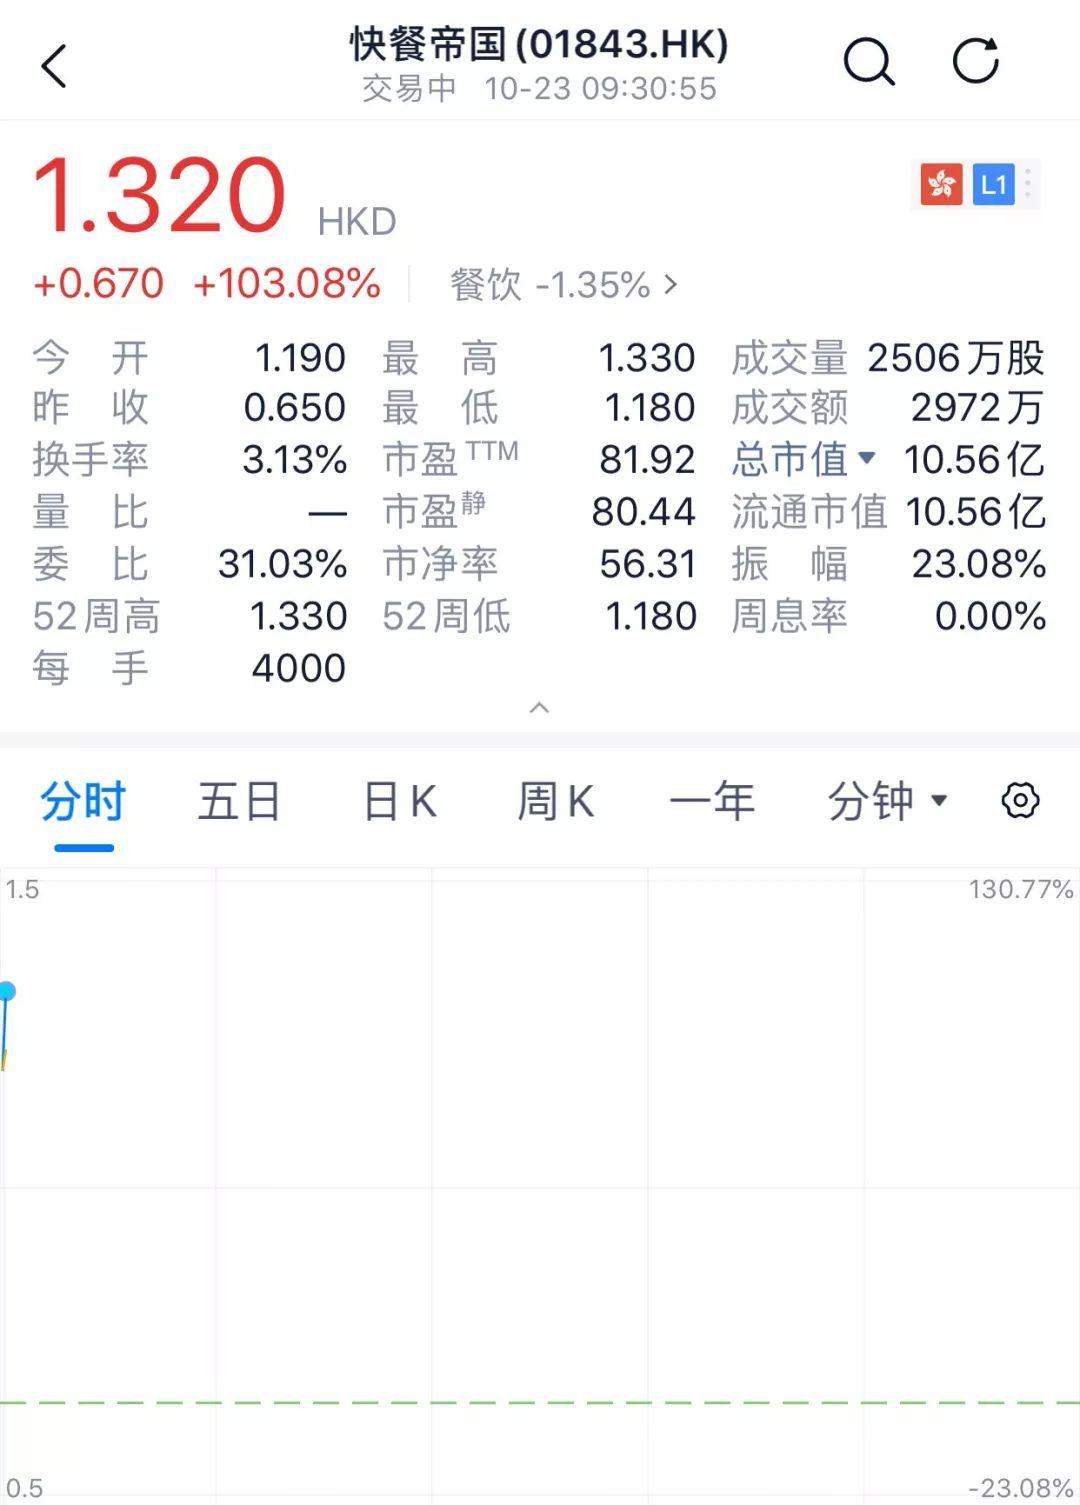 快餐帝国成功赴港上市,开盘暴涨超103%!士林台湾小吃遍布全